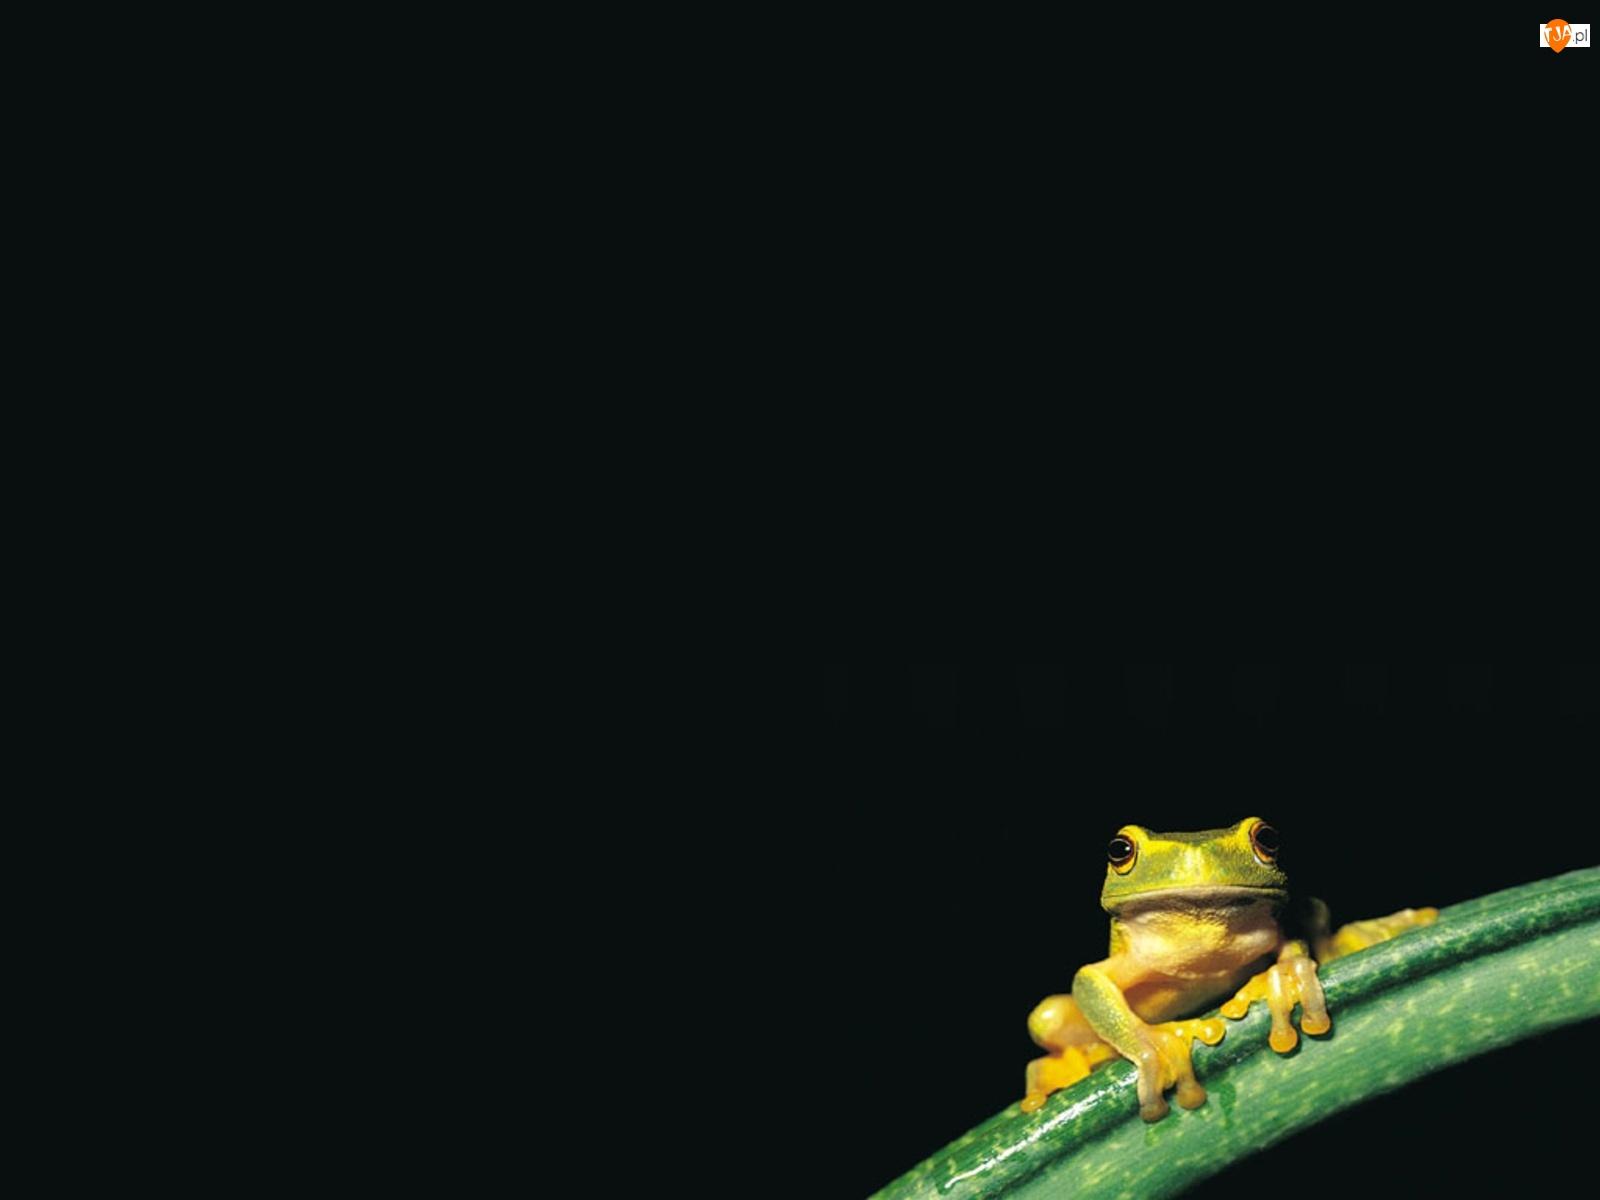 Noc, Żabka, Gałązka, Zielona